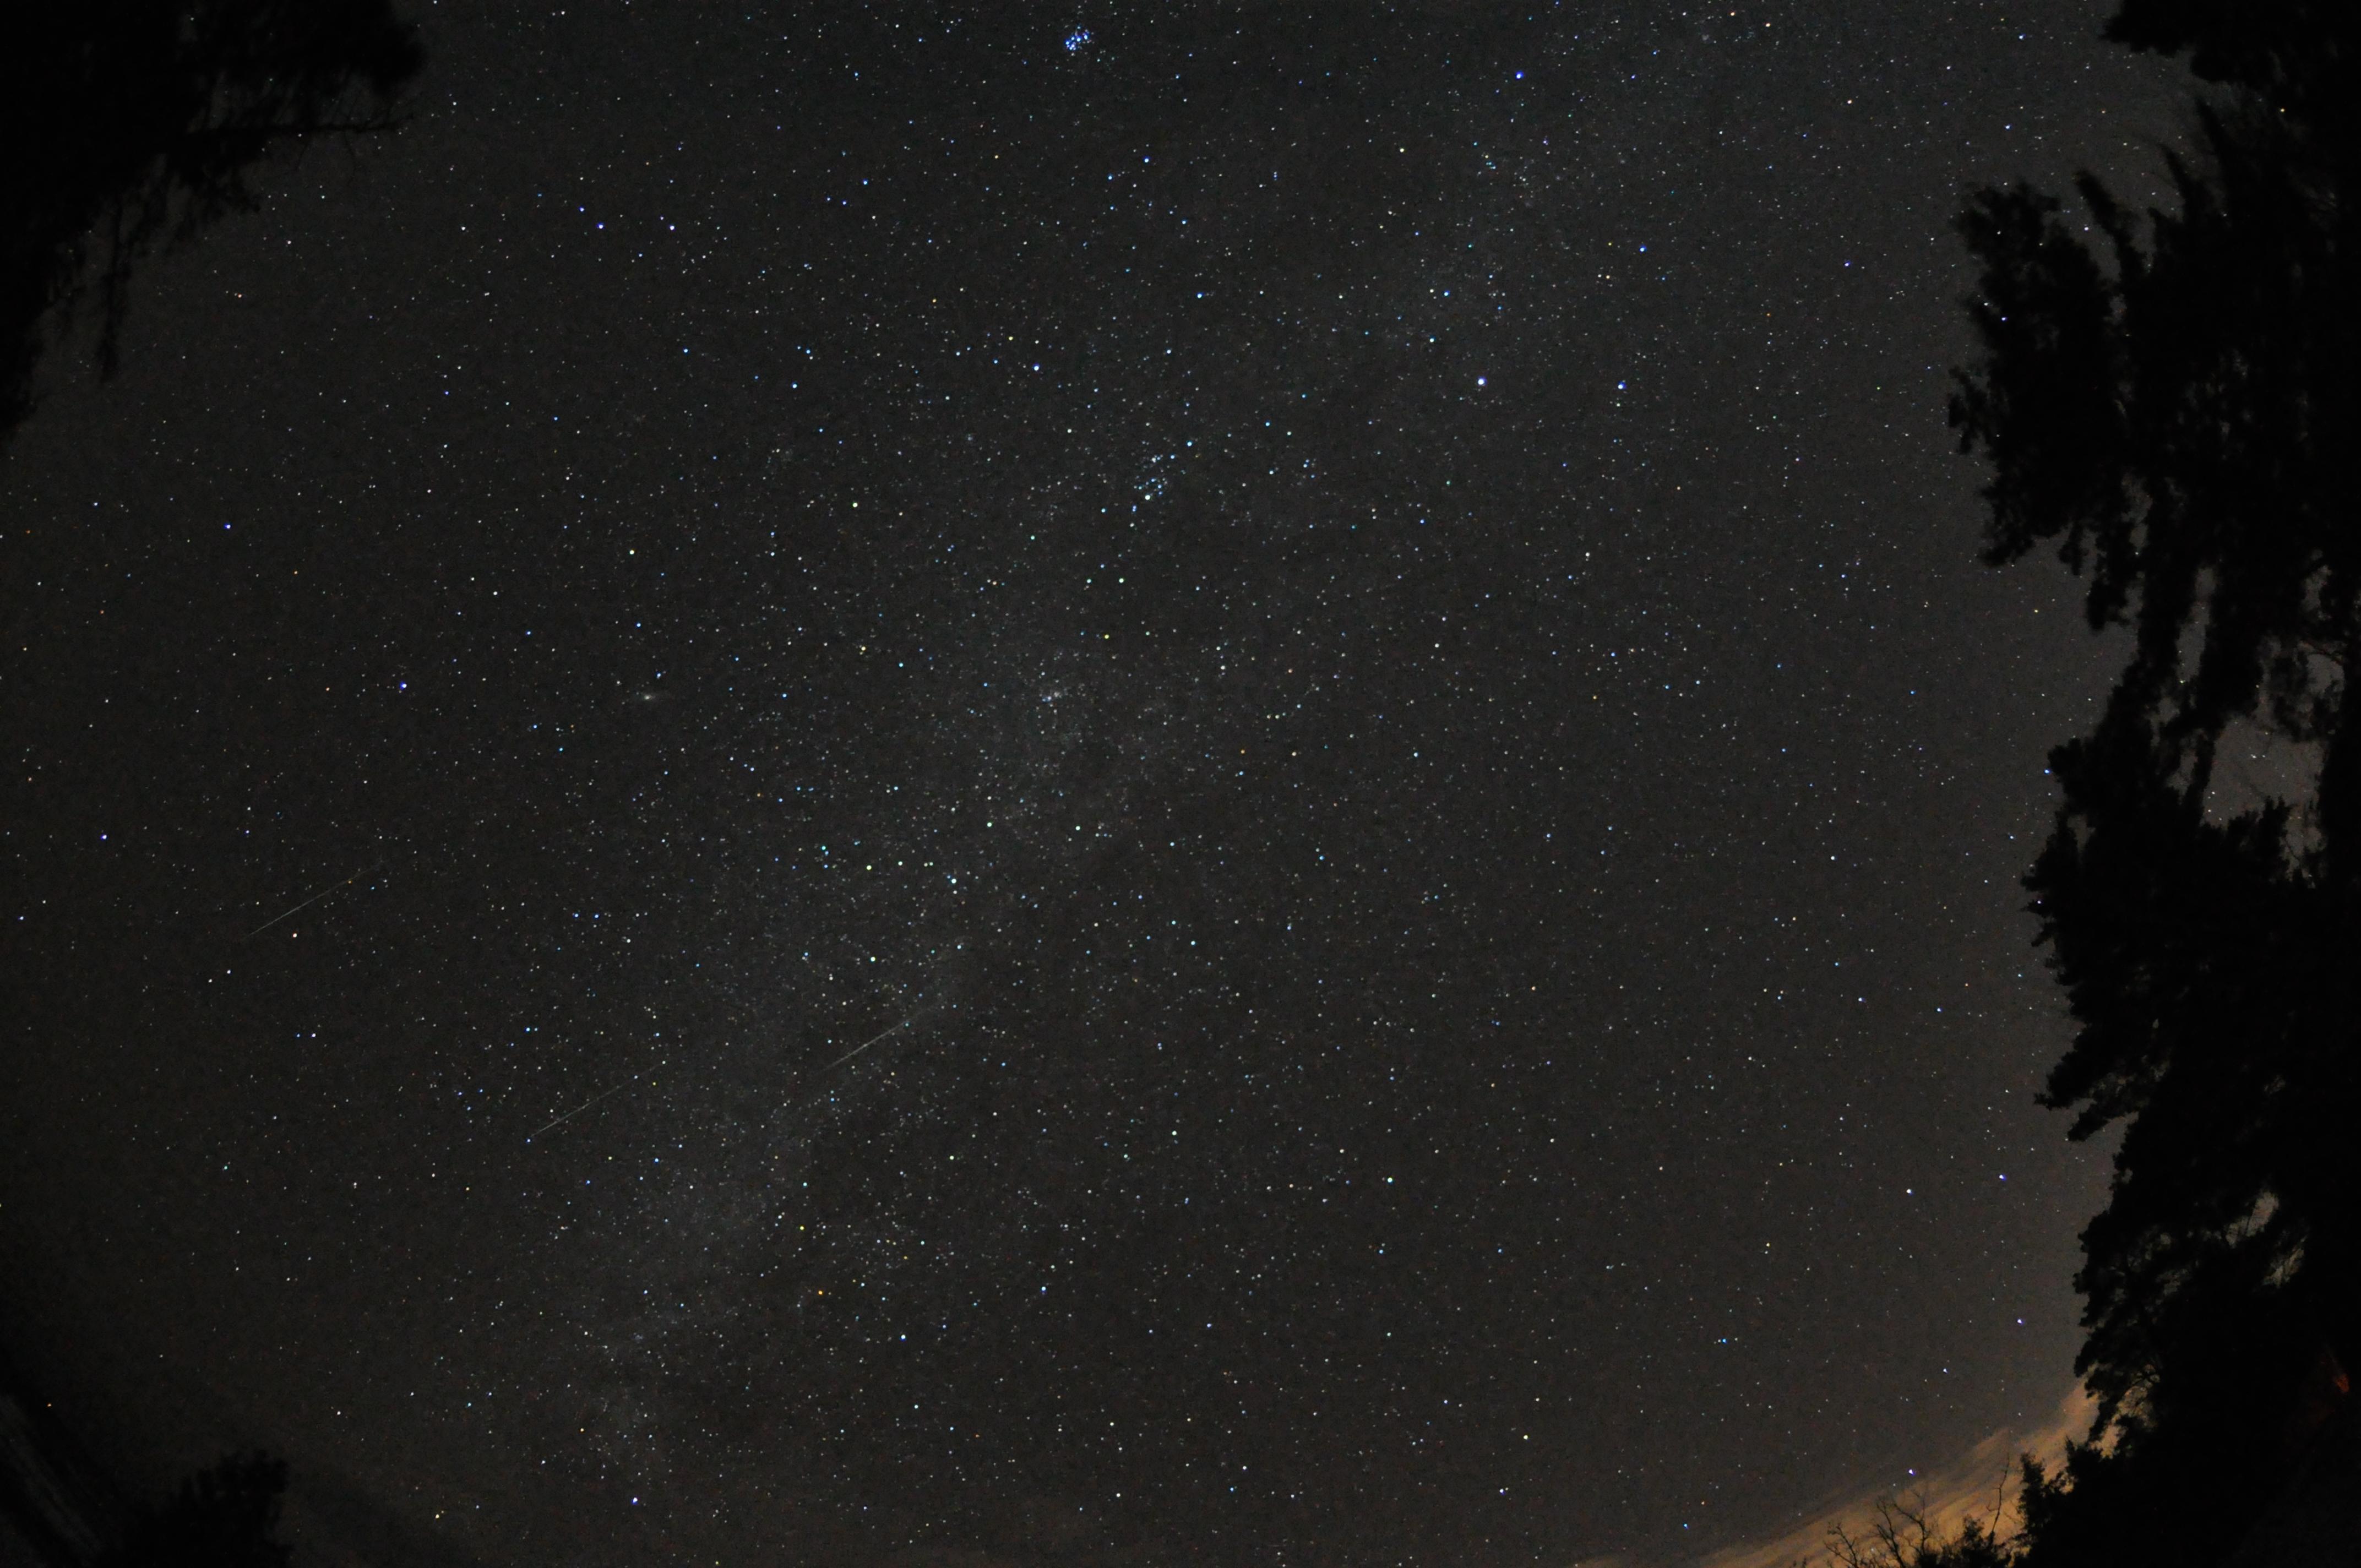 Headlands International Dark Sky Park Website For Emmet